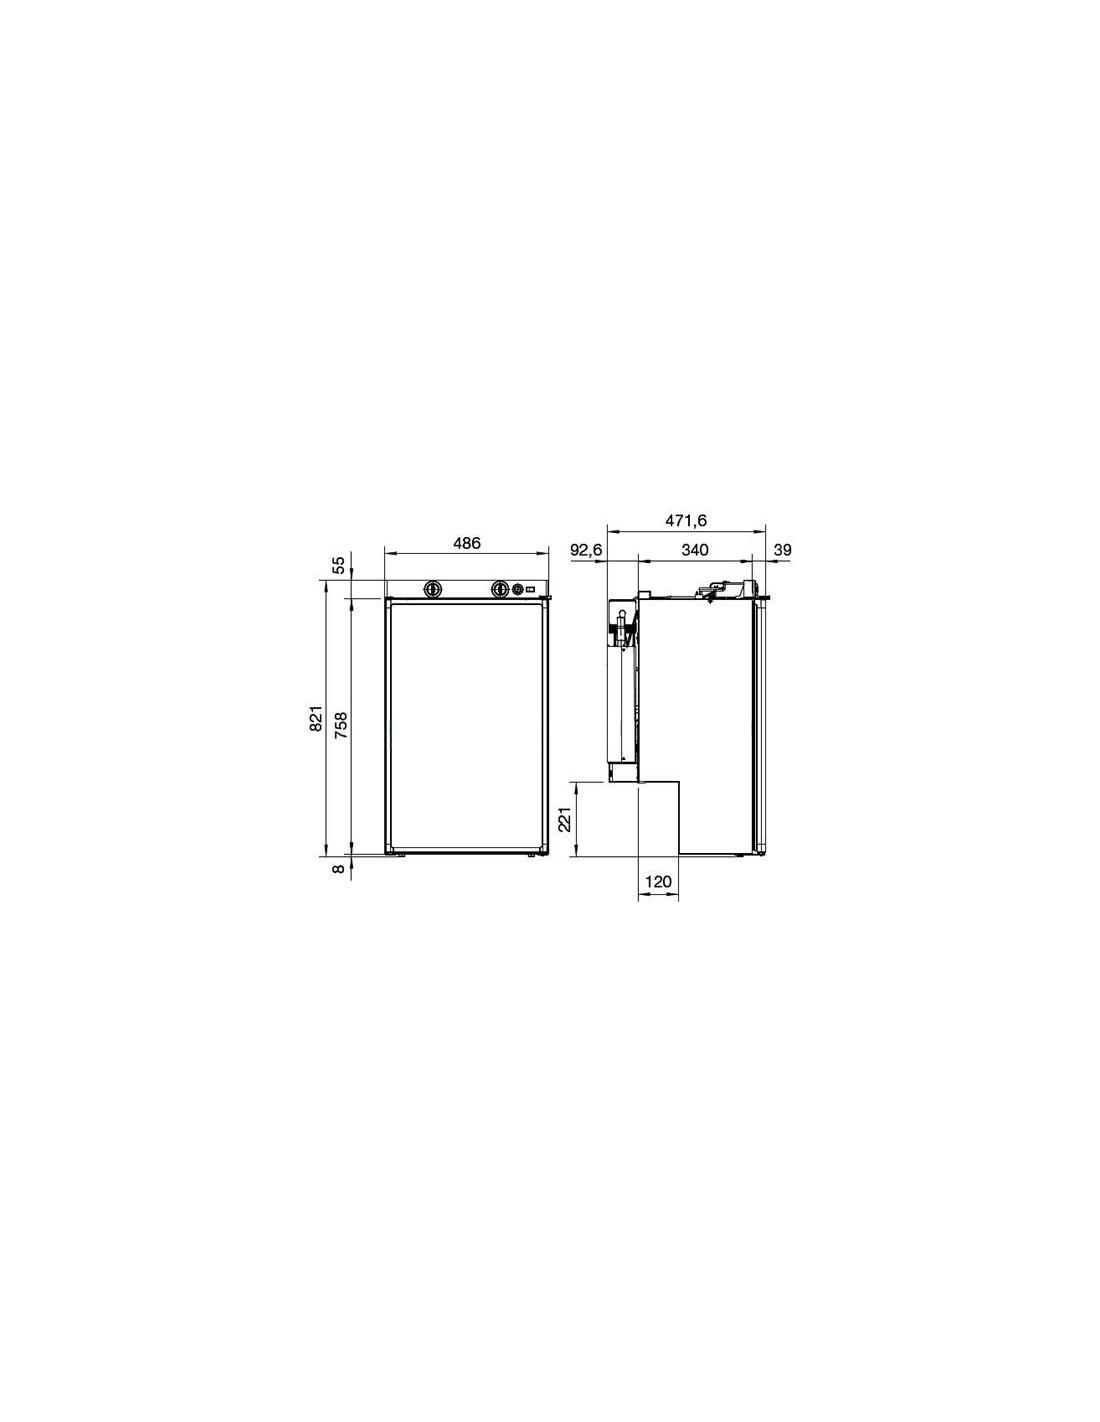 Frigorifero per camper rm 5330 dometic for Dimensioni frigorifero